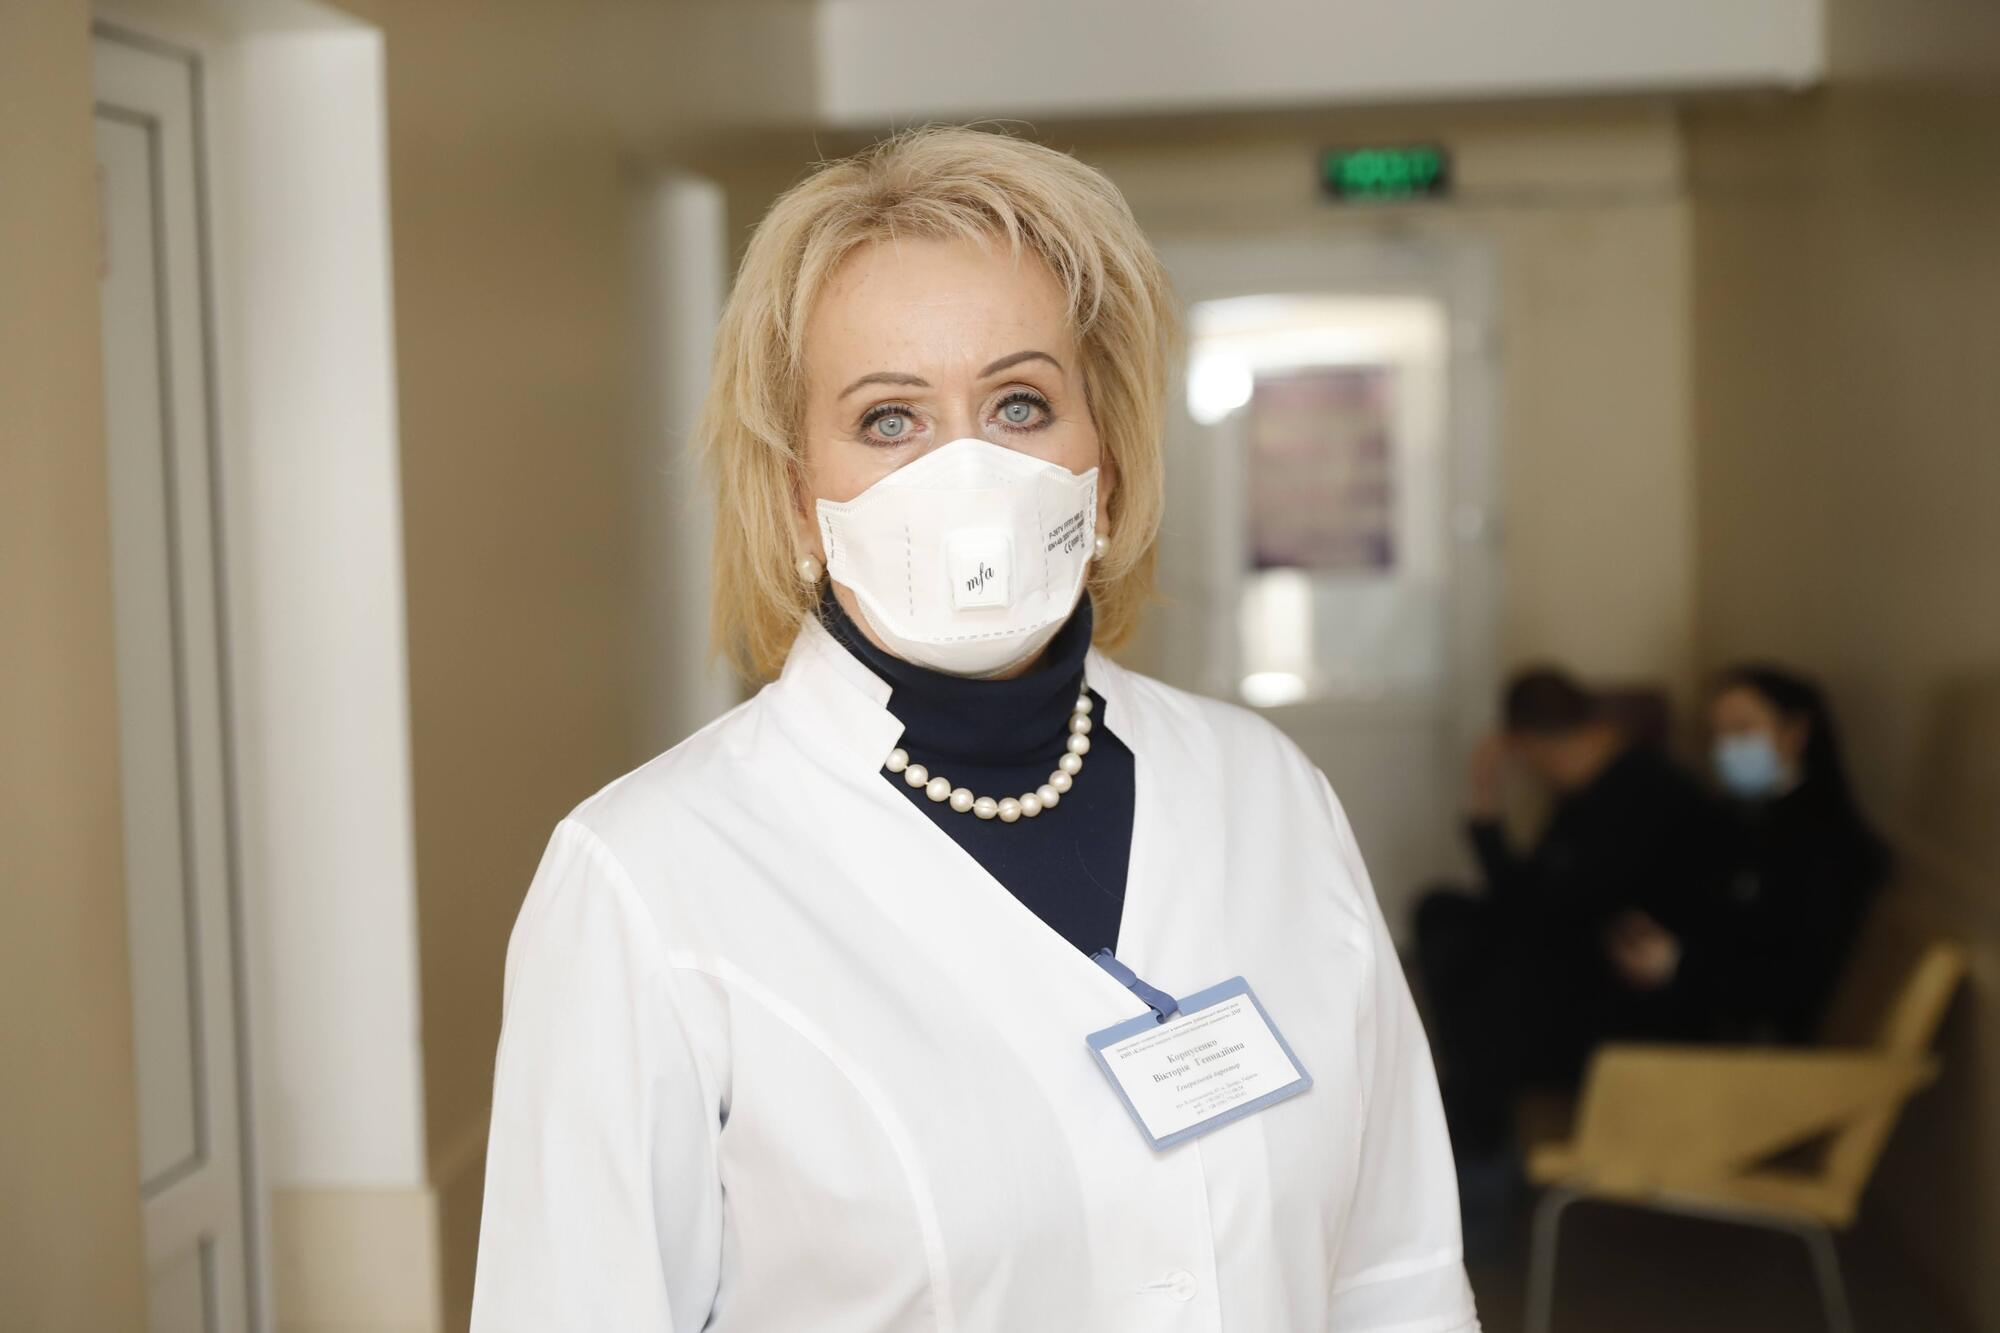 Генеральный директор клинической больницы скорой медицинской помощи Виктория Корпусенко